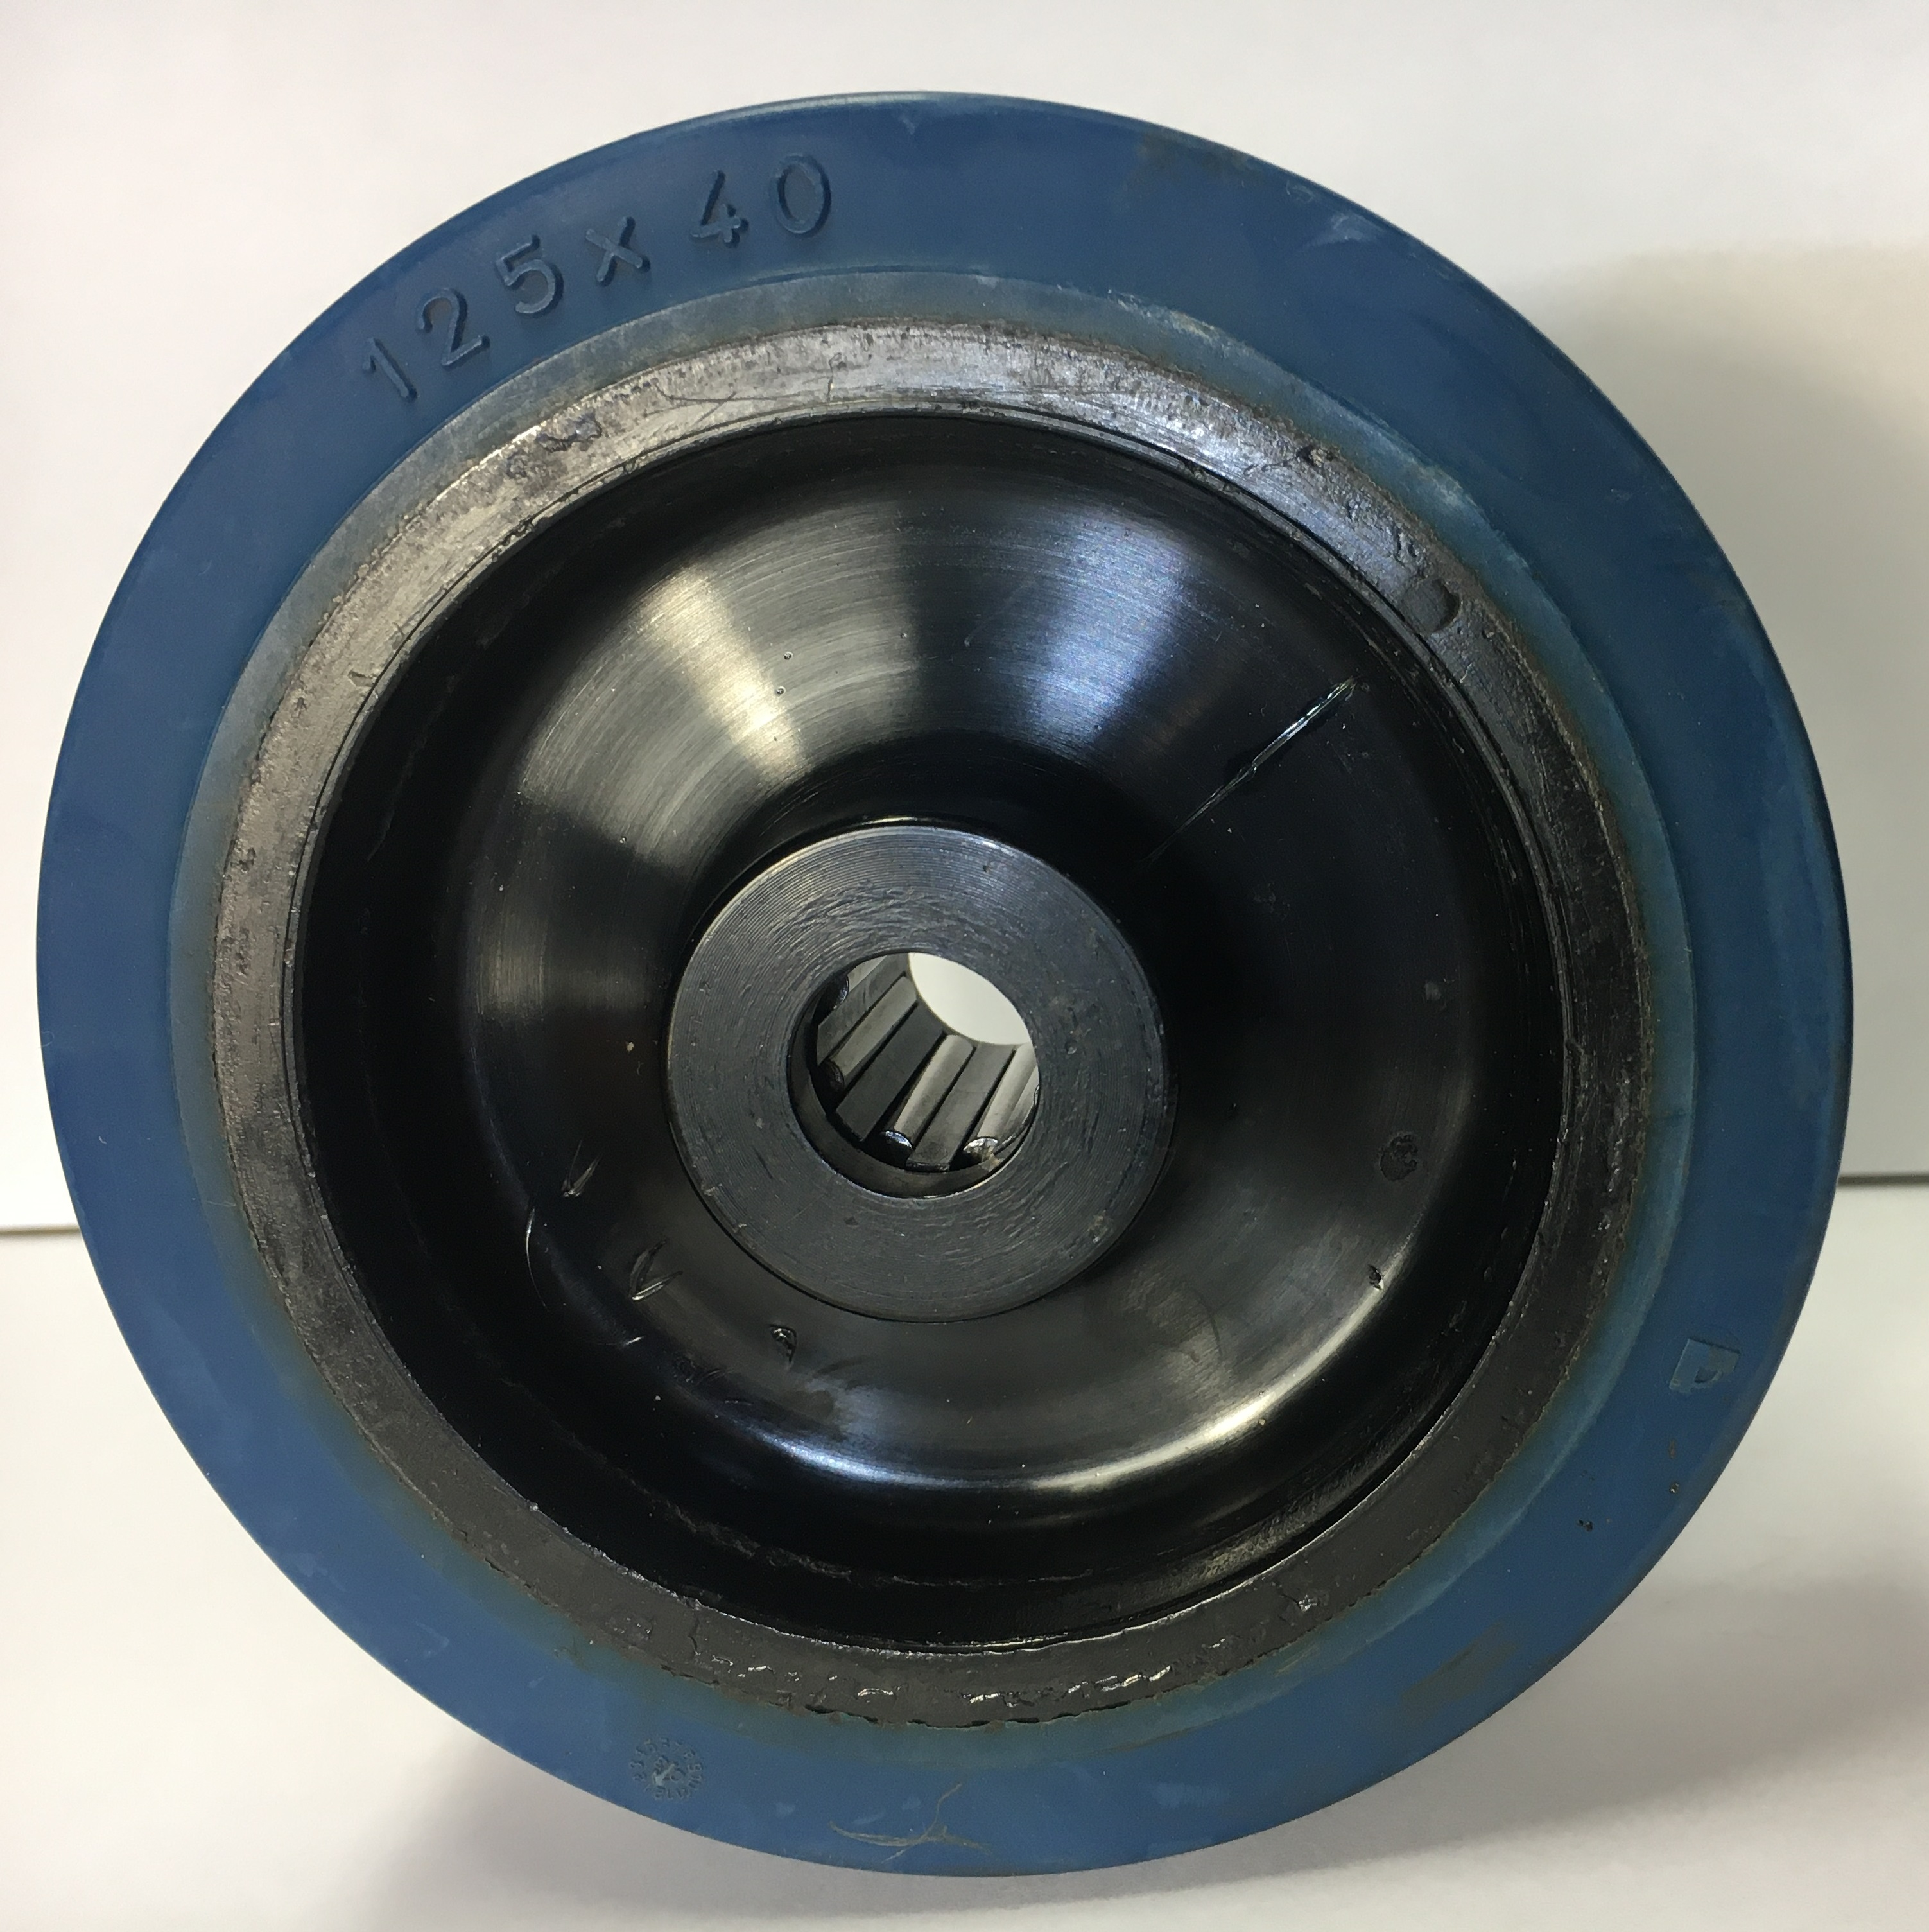 Ruote serie LB Ruote in gomma elastica antitraccia blu con mozzo in polyammide 6 neroo. Disponibili con cuscinetti a sfere di precisione schermati o inox a tenuta st agna; rullini standard o inox o a foro passante. Organo di rotolamento: cuscinetto a rullini.